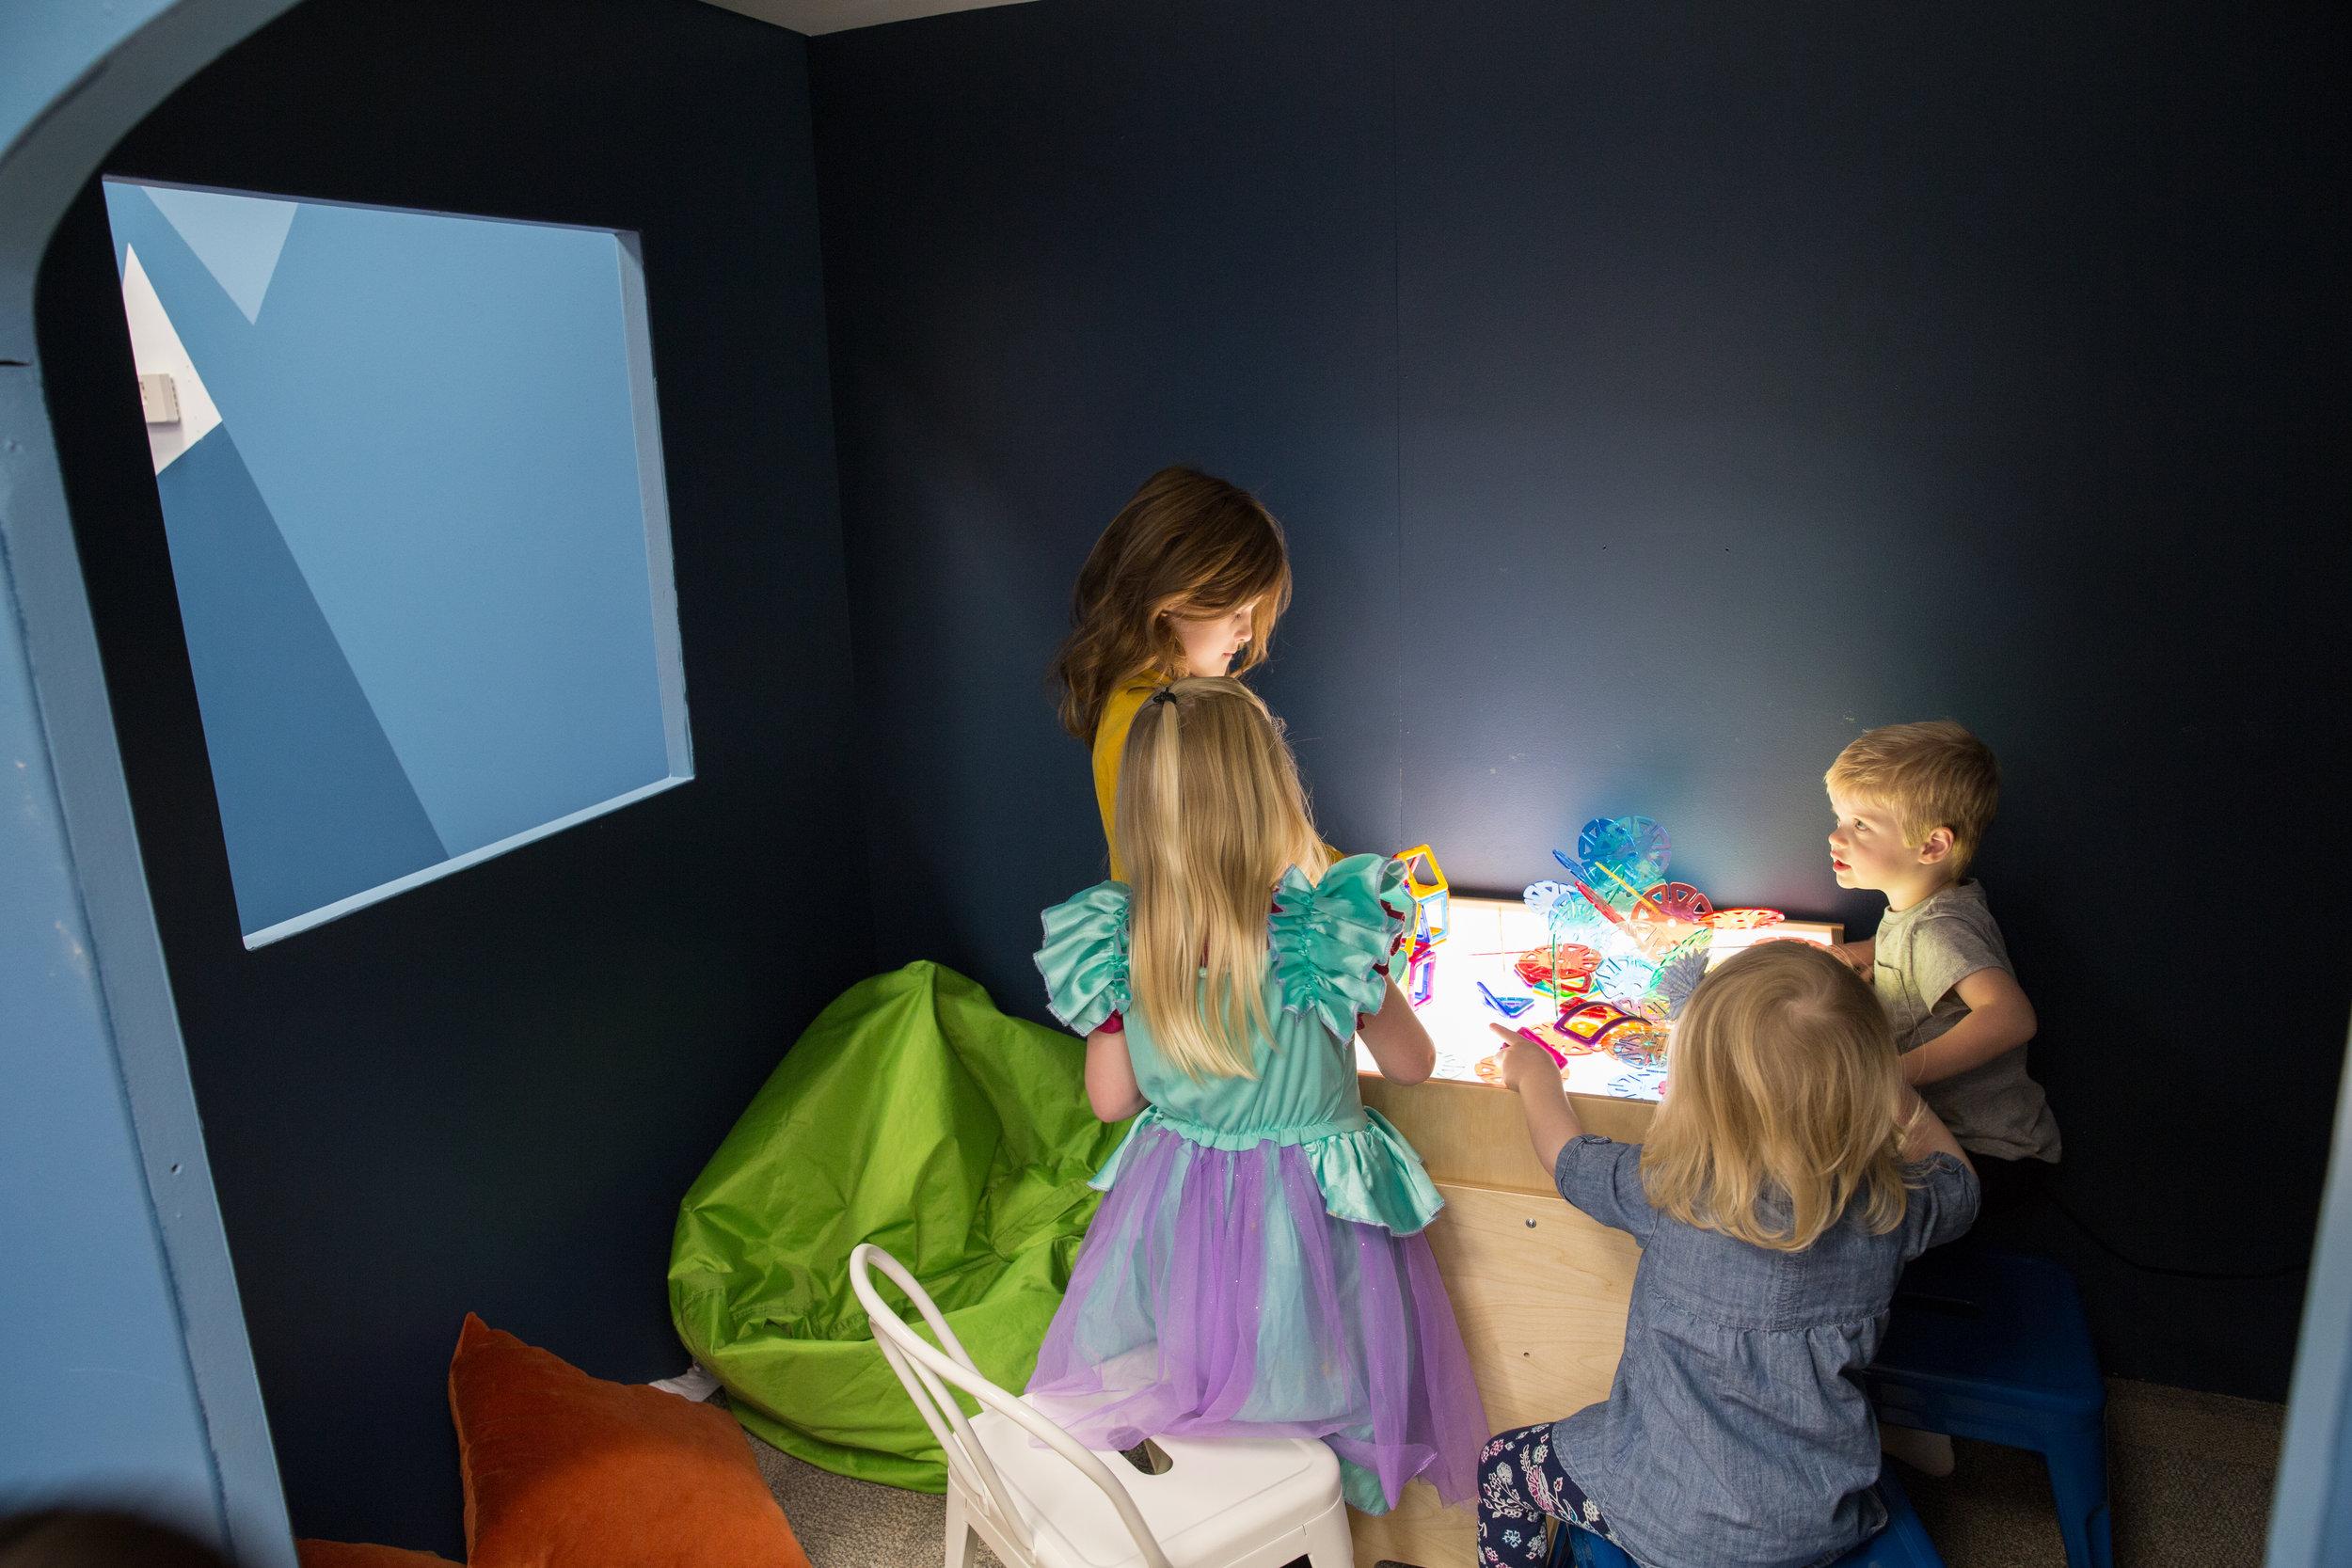 Hoot_Studio_Play_Cafe_Dark_Room_Interior_B.jpg